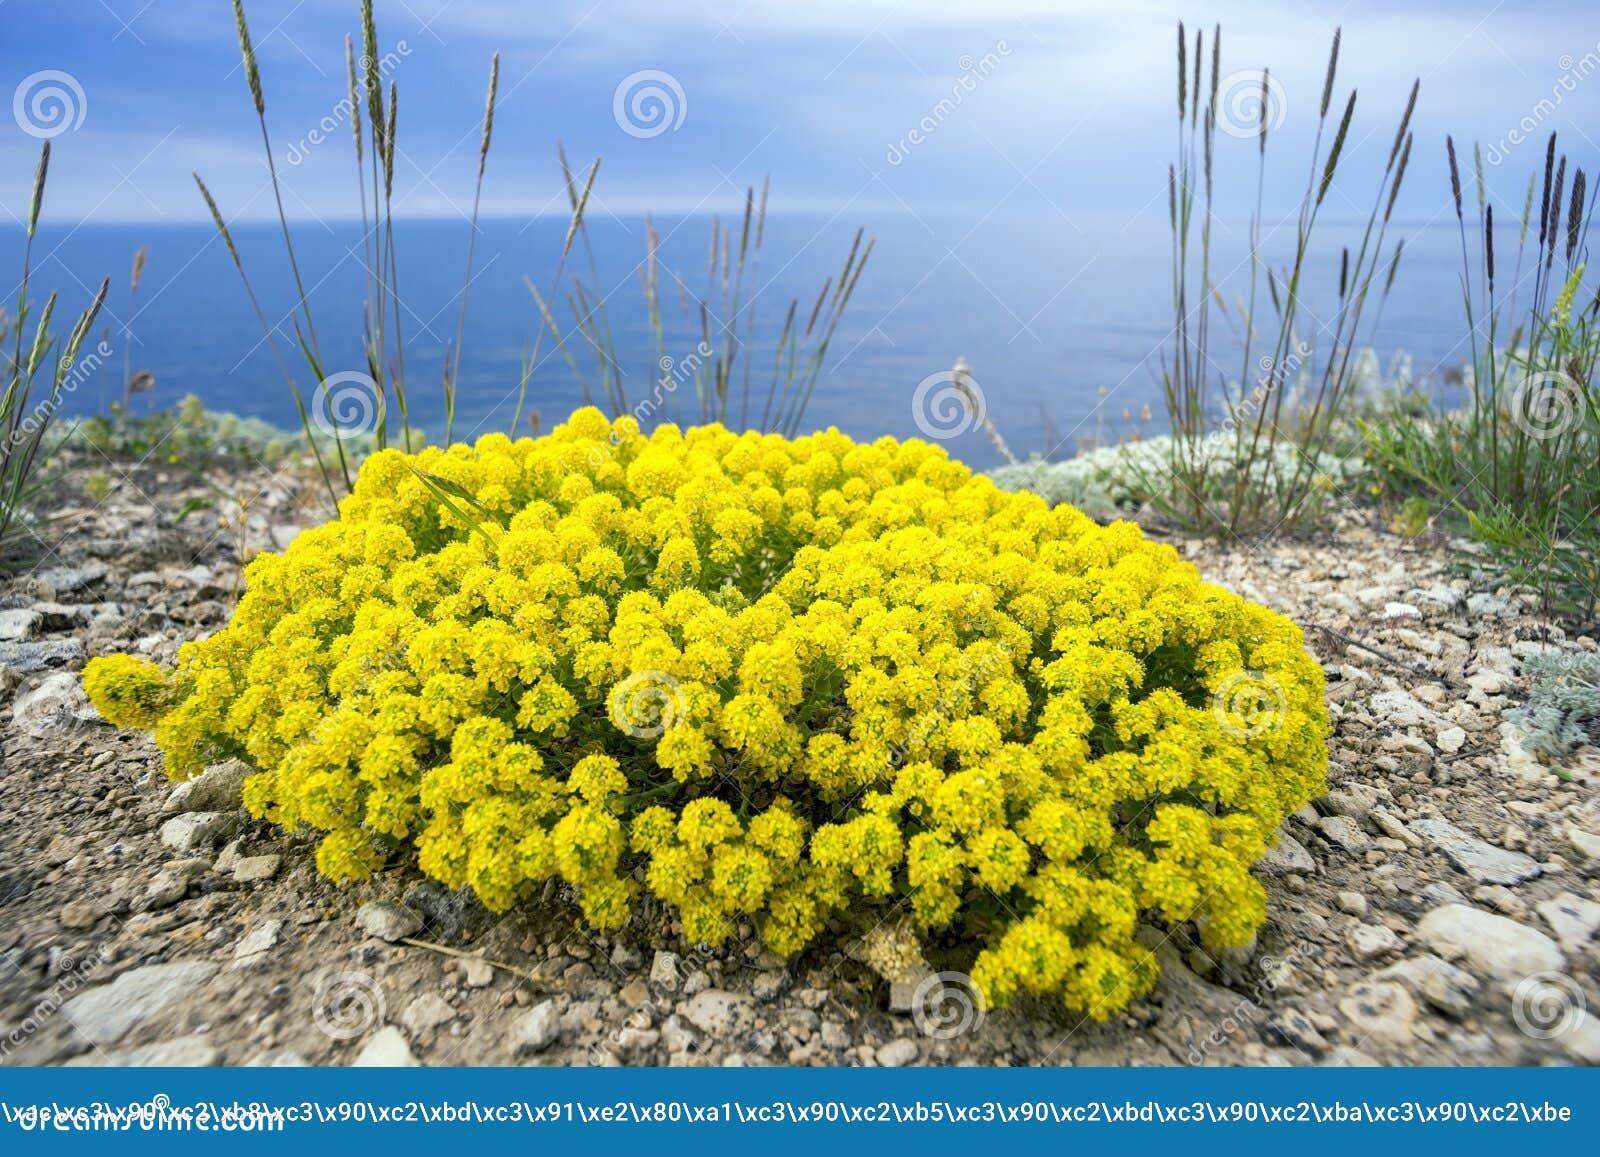 gelbe blumen des strauch alyssum stockfoto bild 60061318. Black Bedroom Furniture Sets. Home Design Ideas